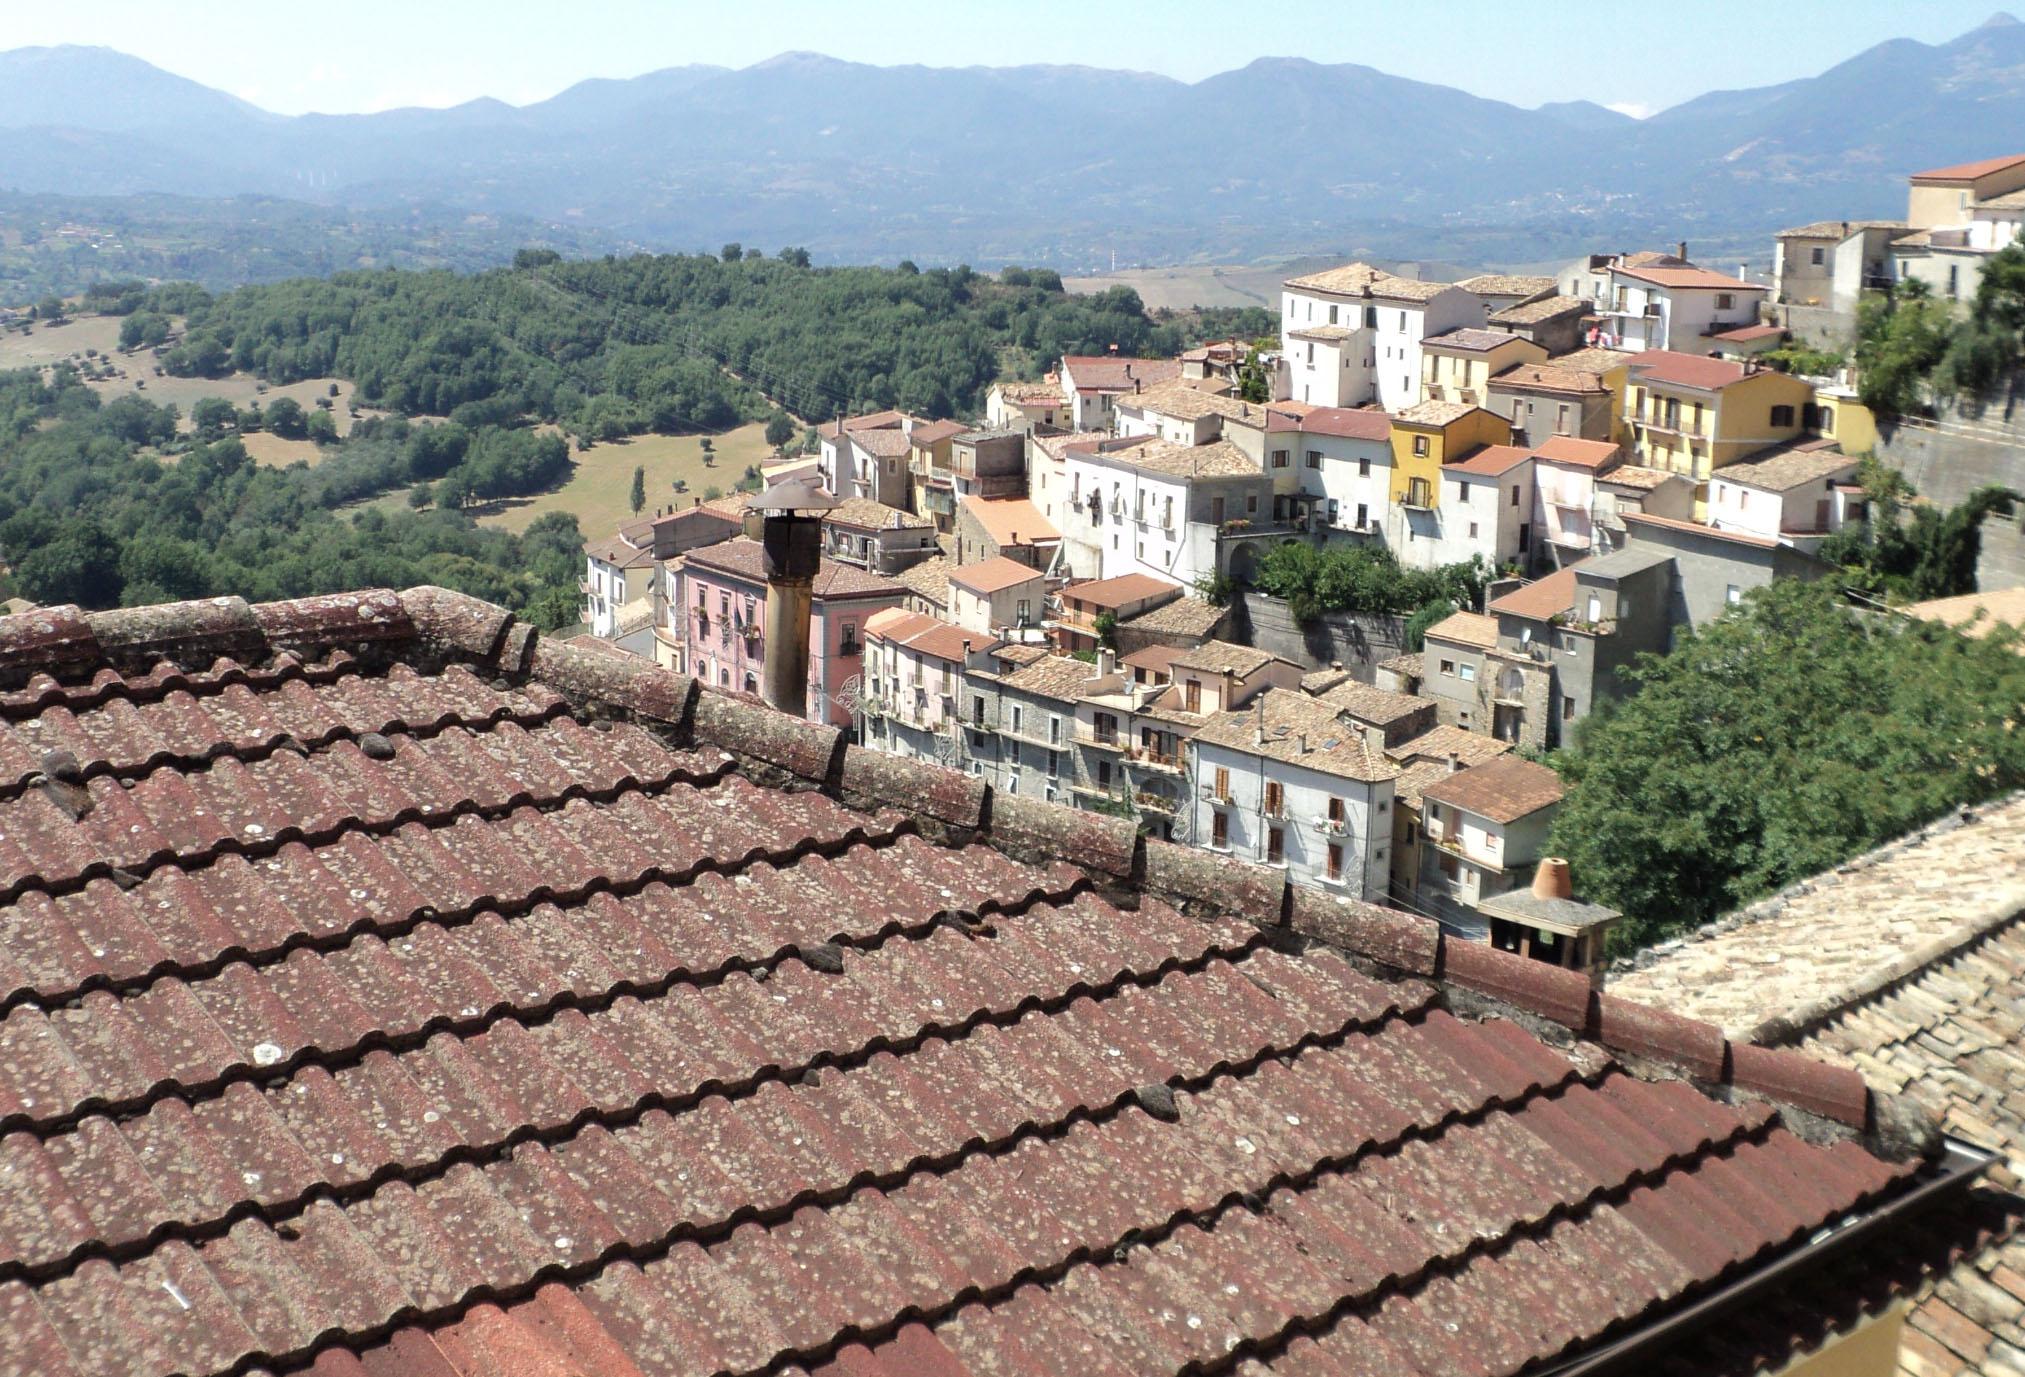 https://upload.wikimedia.org/wikipedia/commons/c/c0/Viggianello_Panorama.JPG